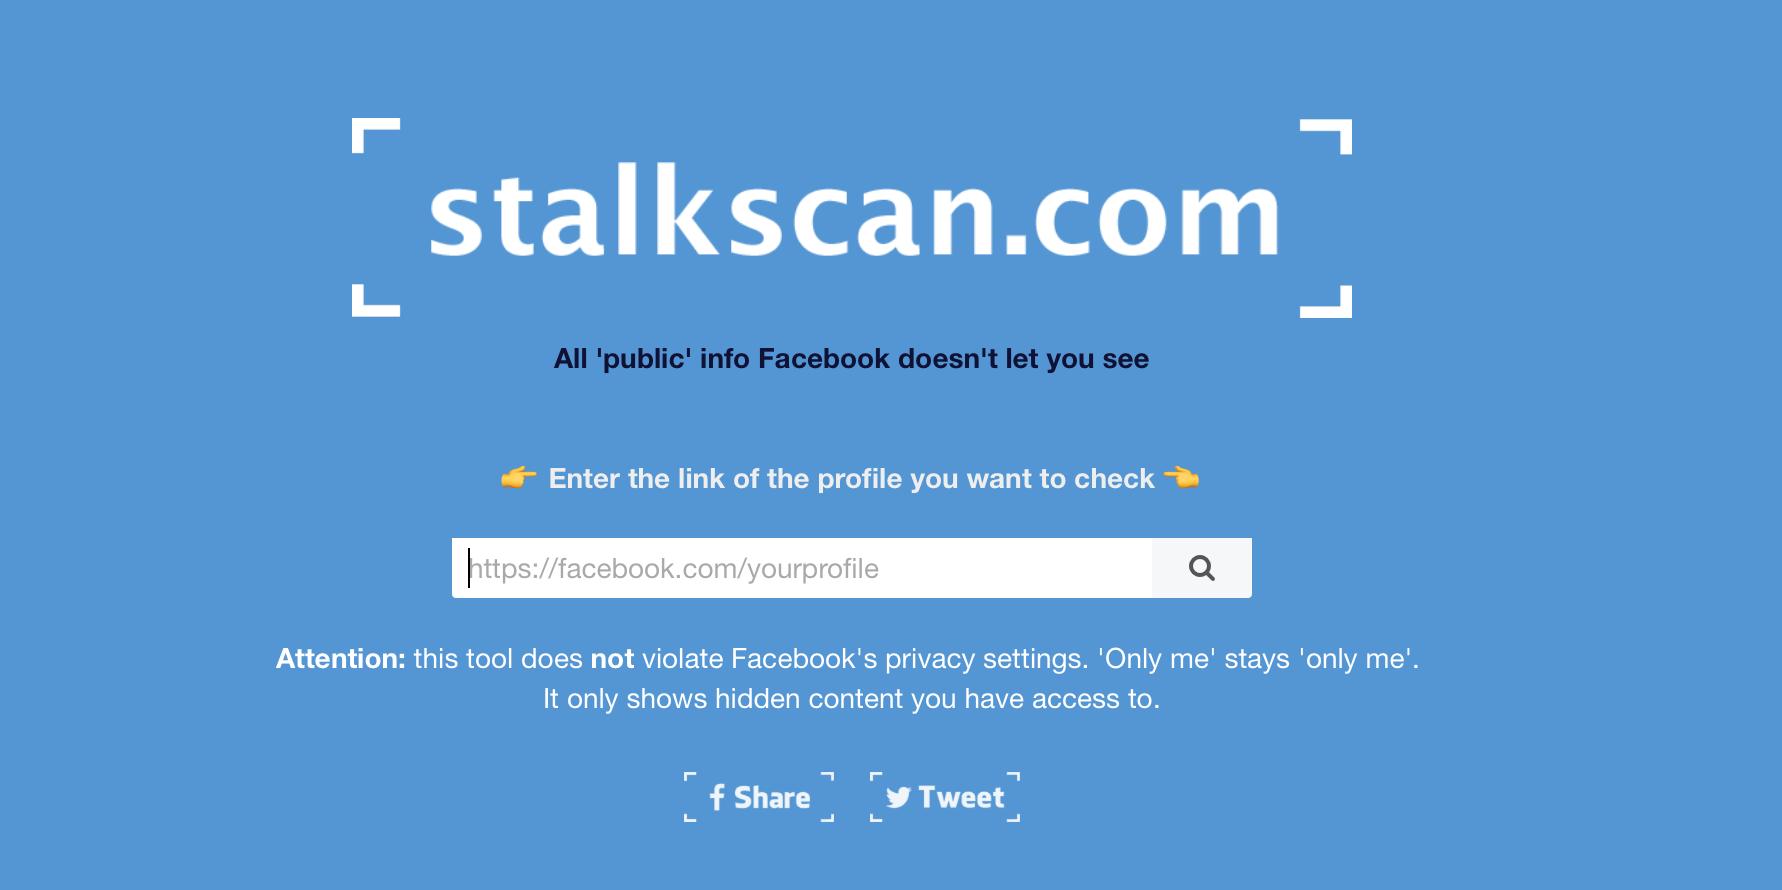 Trang web này sẽ cho phép bạn điều tra tất tần tật về Facebook của người bạn thích (hoặc ghét) - Ảnh 1.